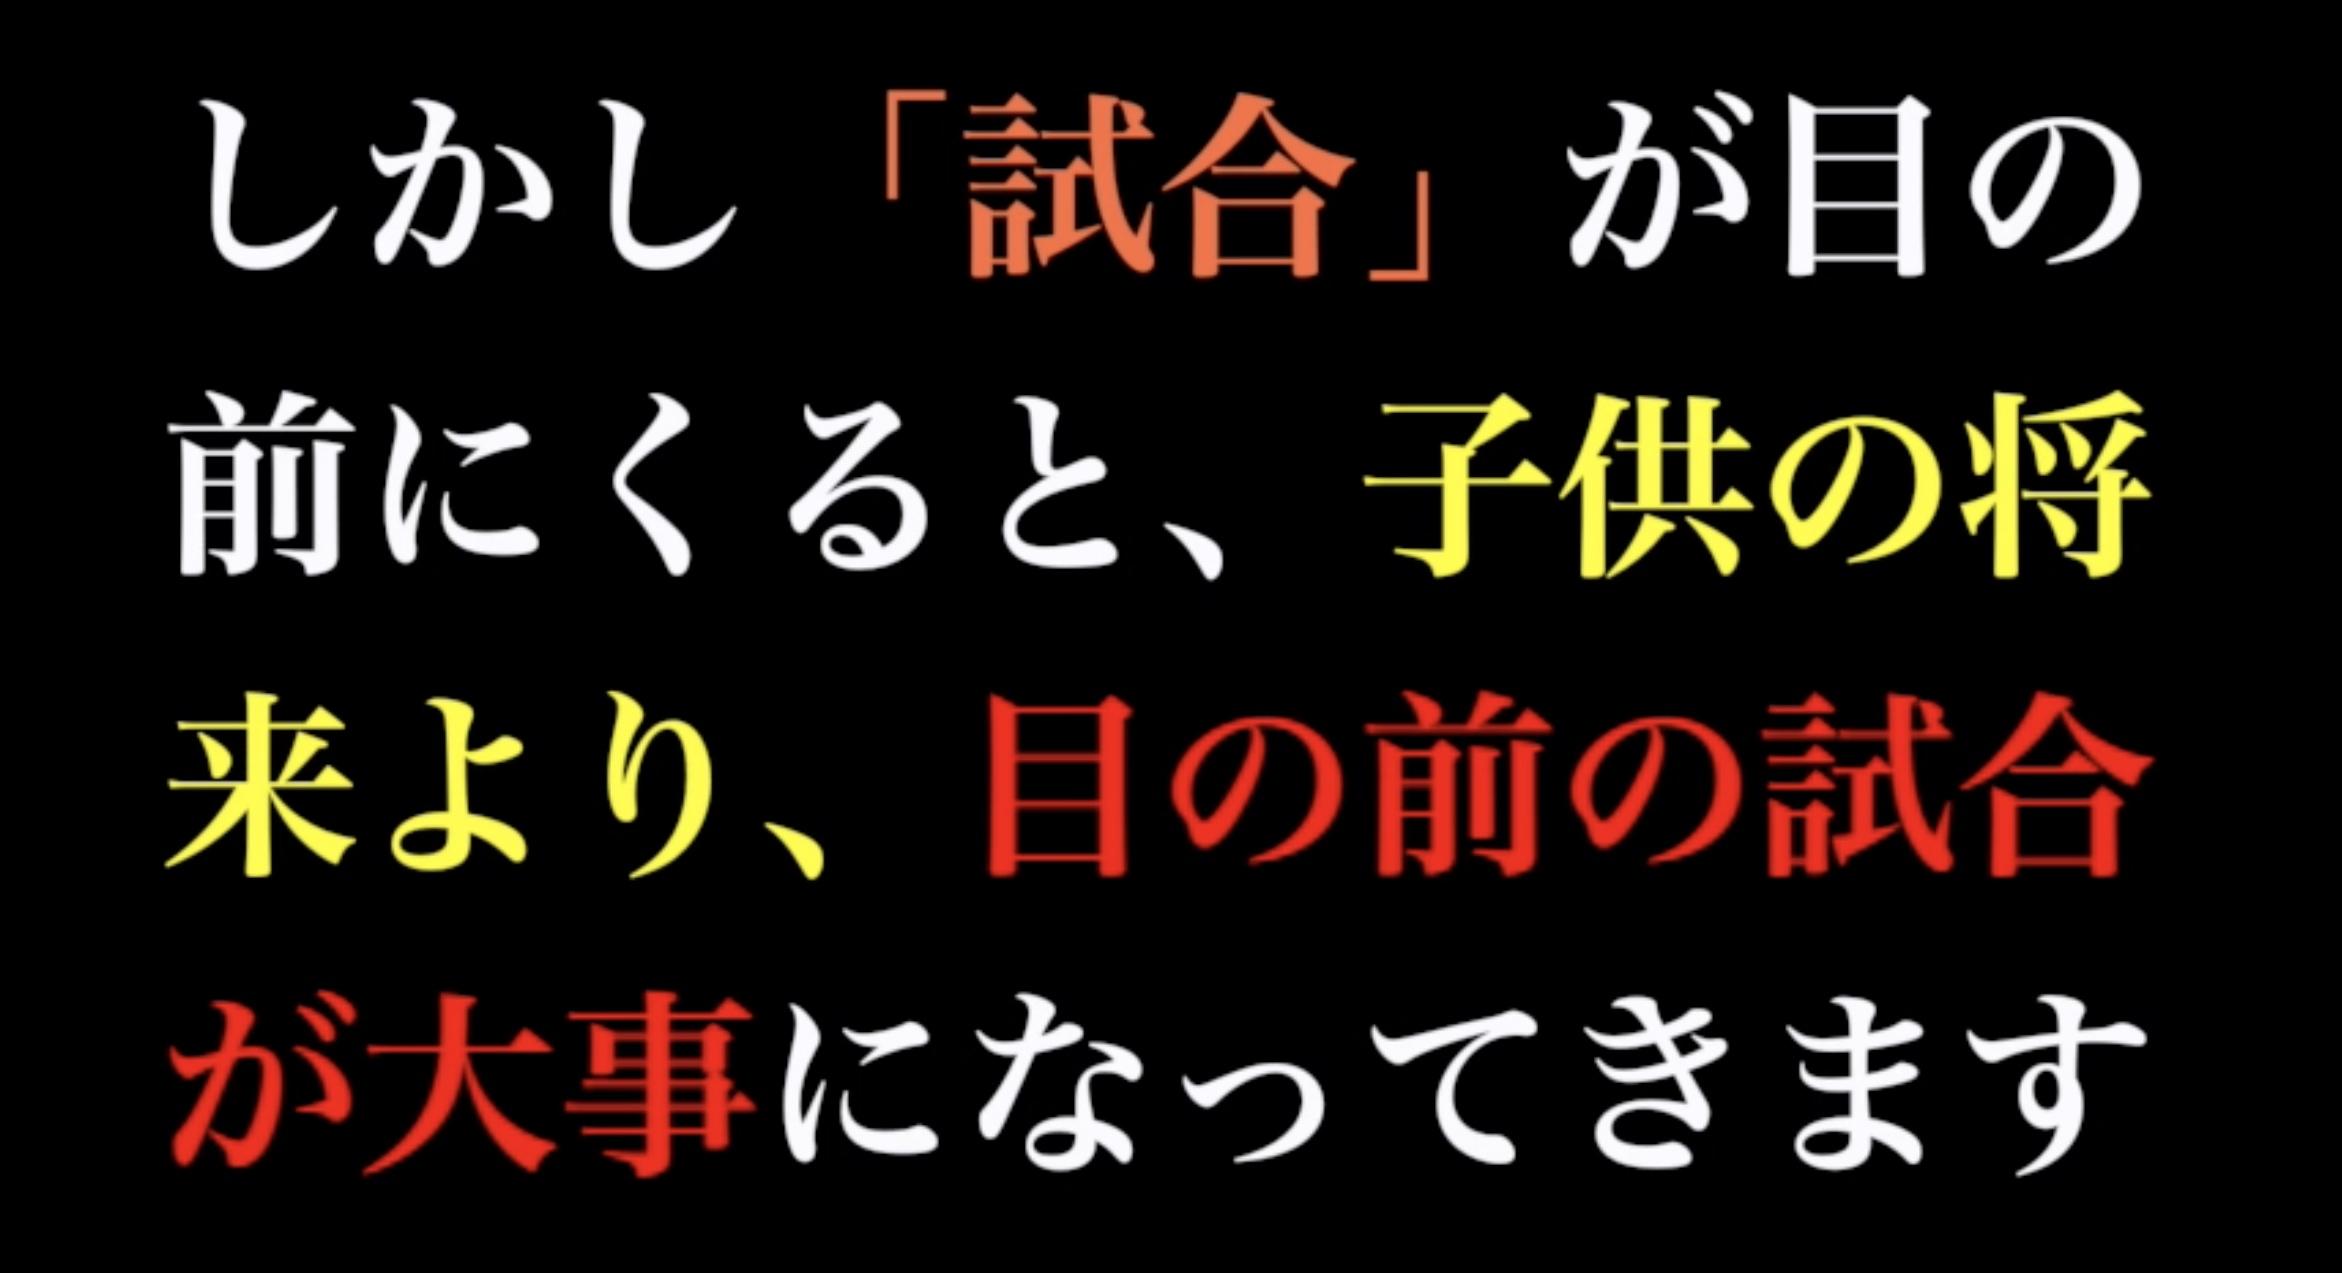 第2882話・・・バレー塾in伊達_c0000970_14474066.jpg